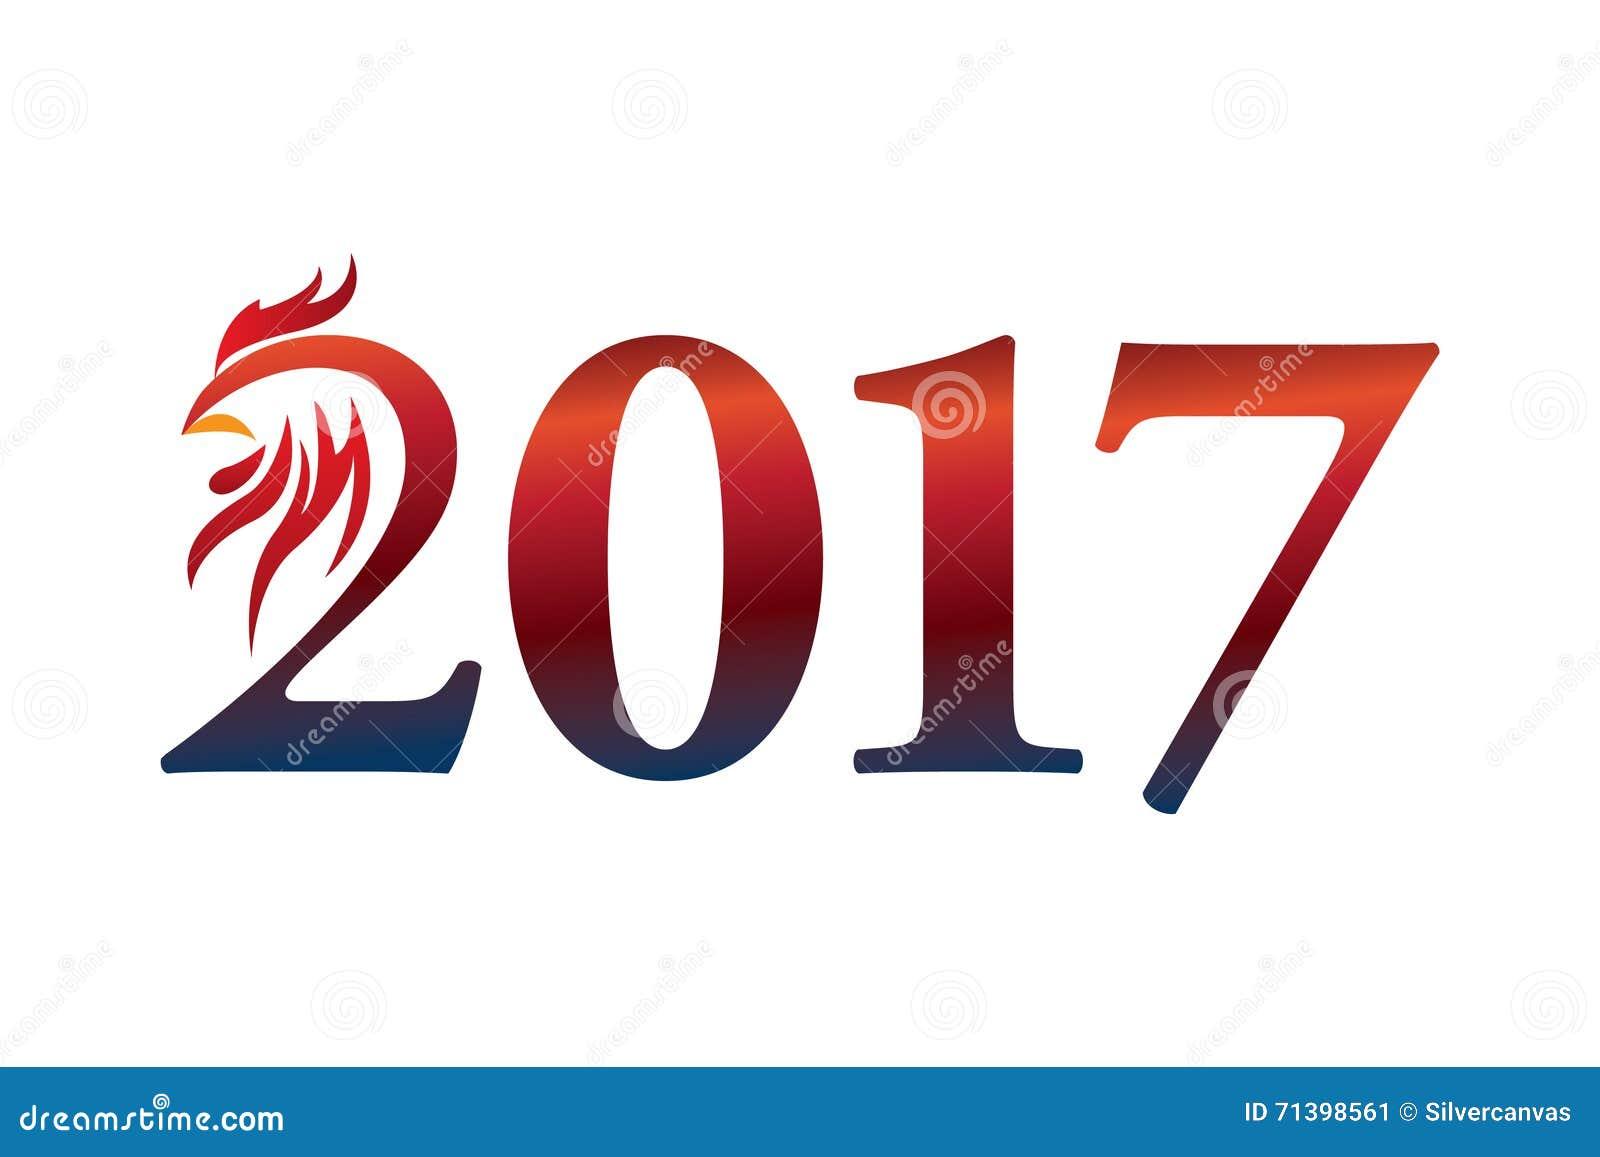 Индия на новый год 2017 2017